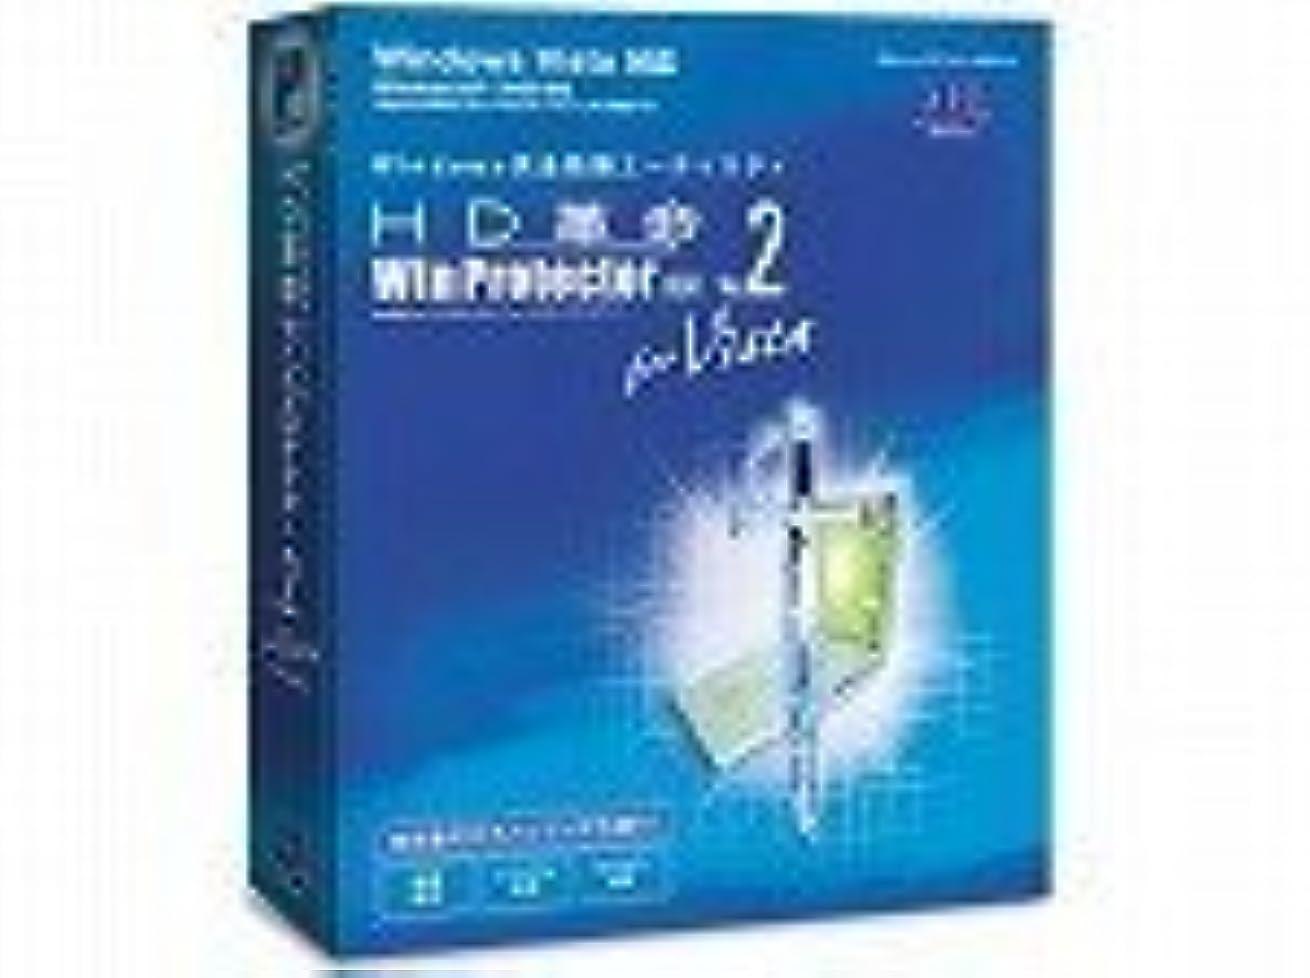 不完全な膨らみ範囲HD革命/WinProtector Ver.2 for Vista Std